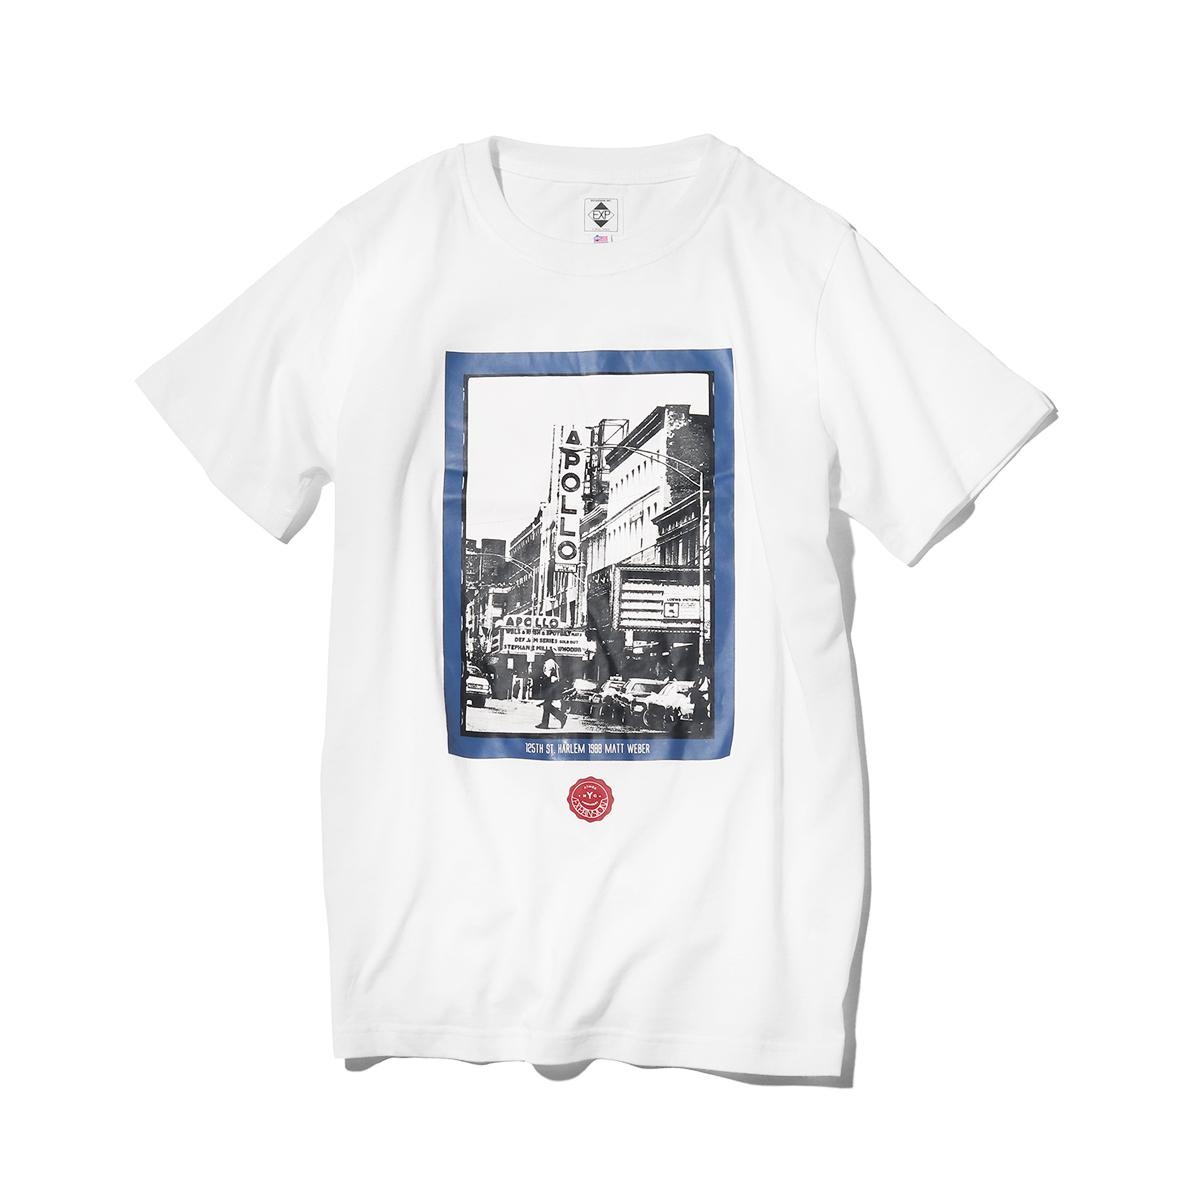 EXPANSION x ATMOS LAB HARLEM APOLLO TEE (アトモスラボ エクスパンション アトモスラボ ハーレム アポロ ティ) WHITE【メンズ Tシャツ】18SS-S